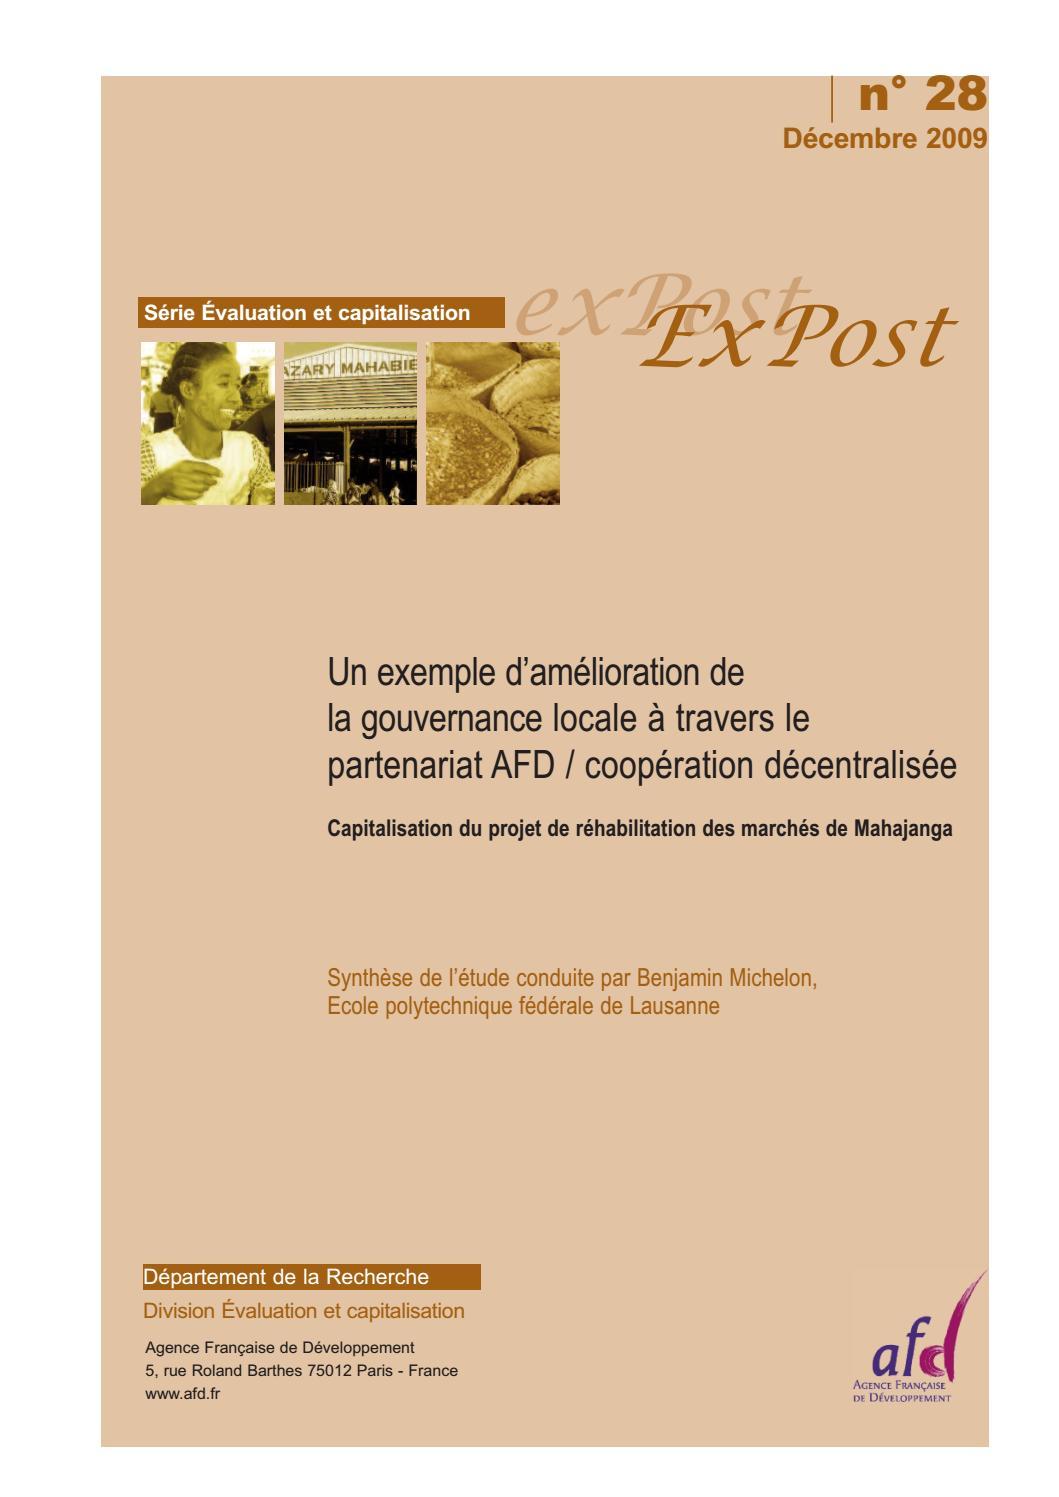 Exemple D Amelioration De La Gouvernance Locale A Travers Le